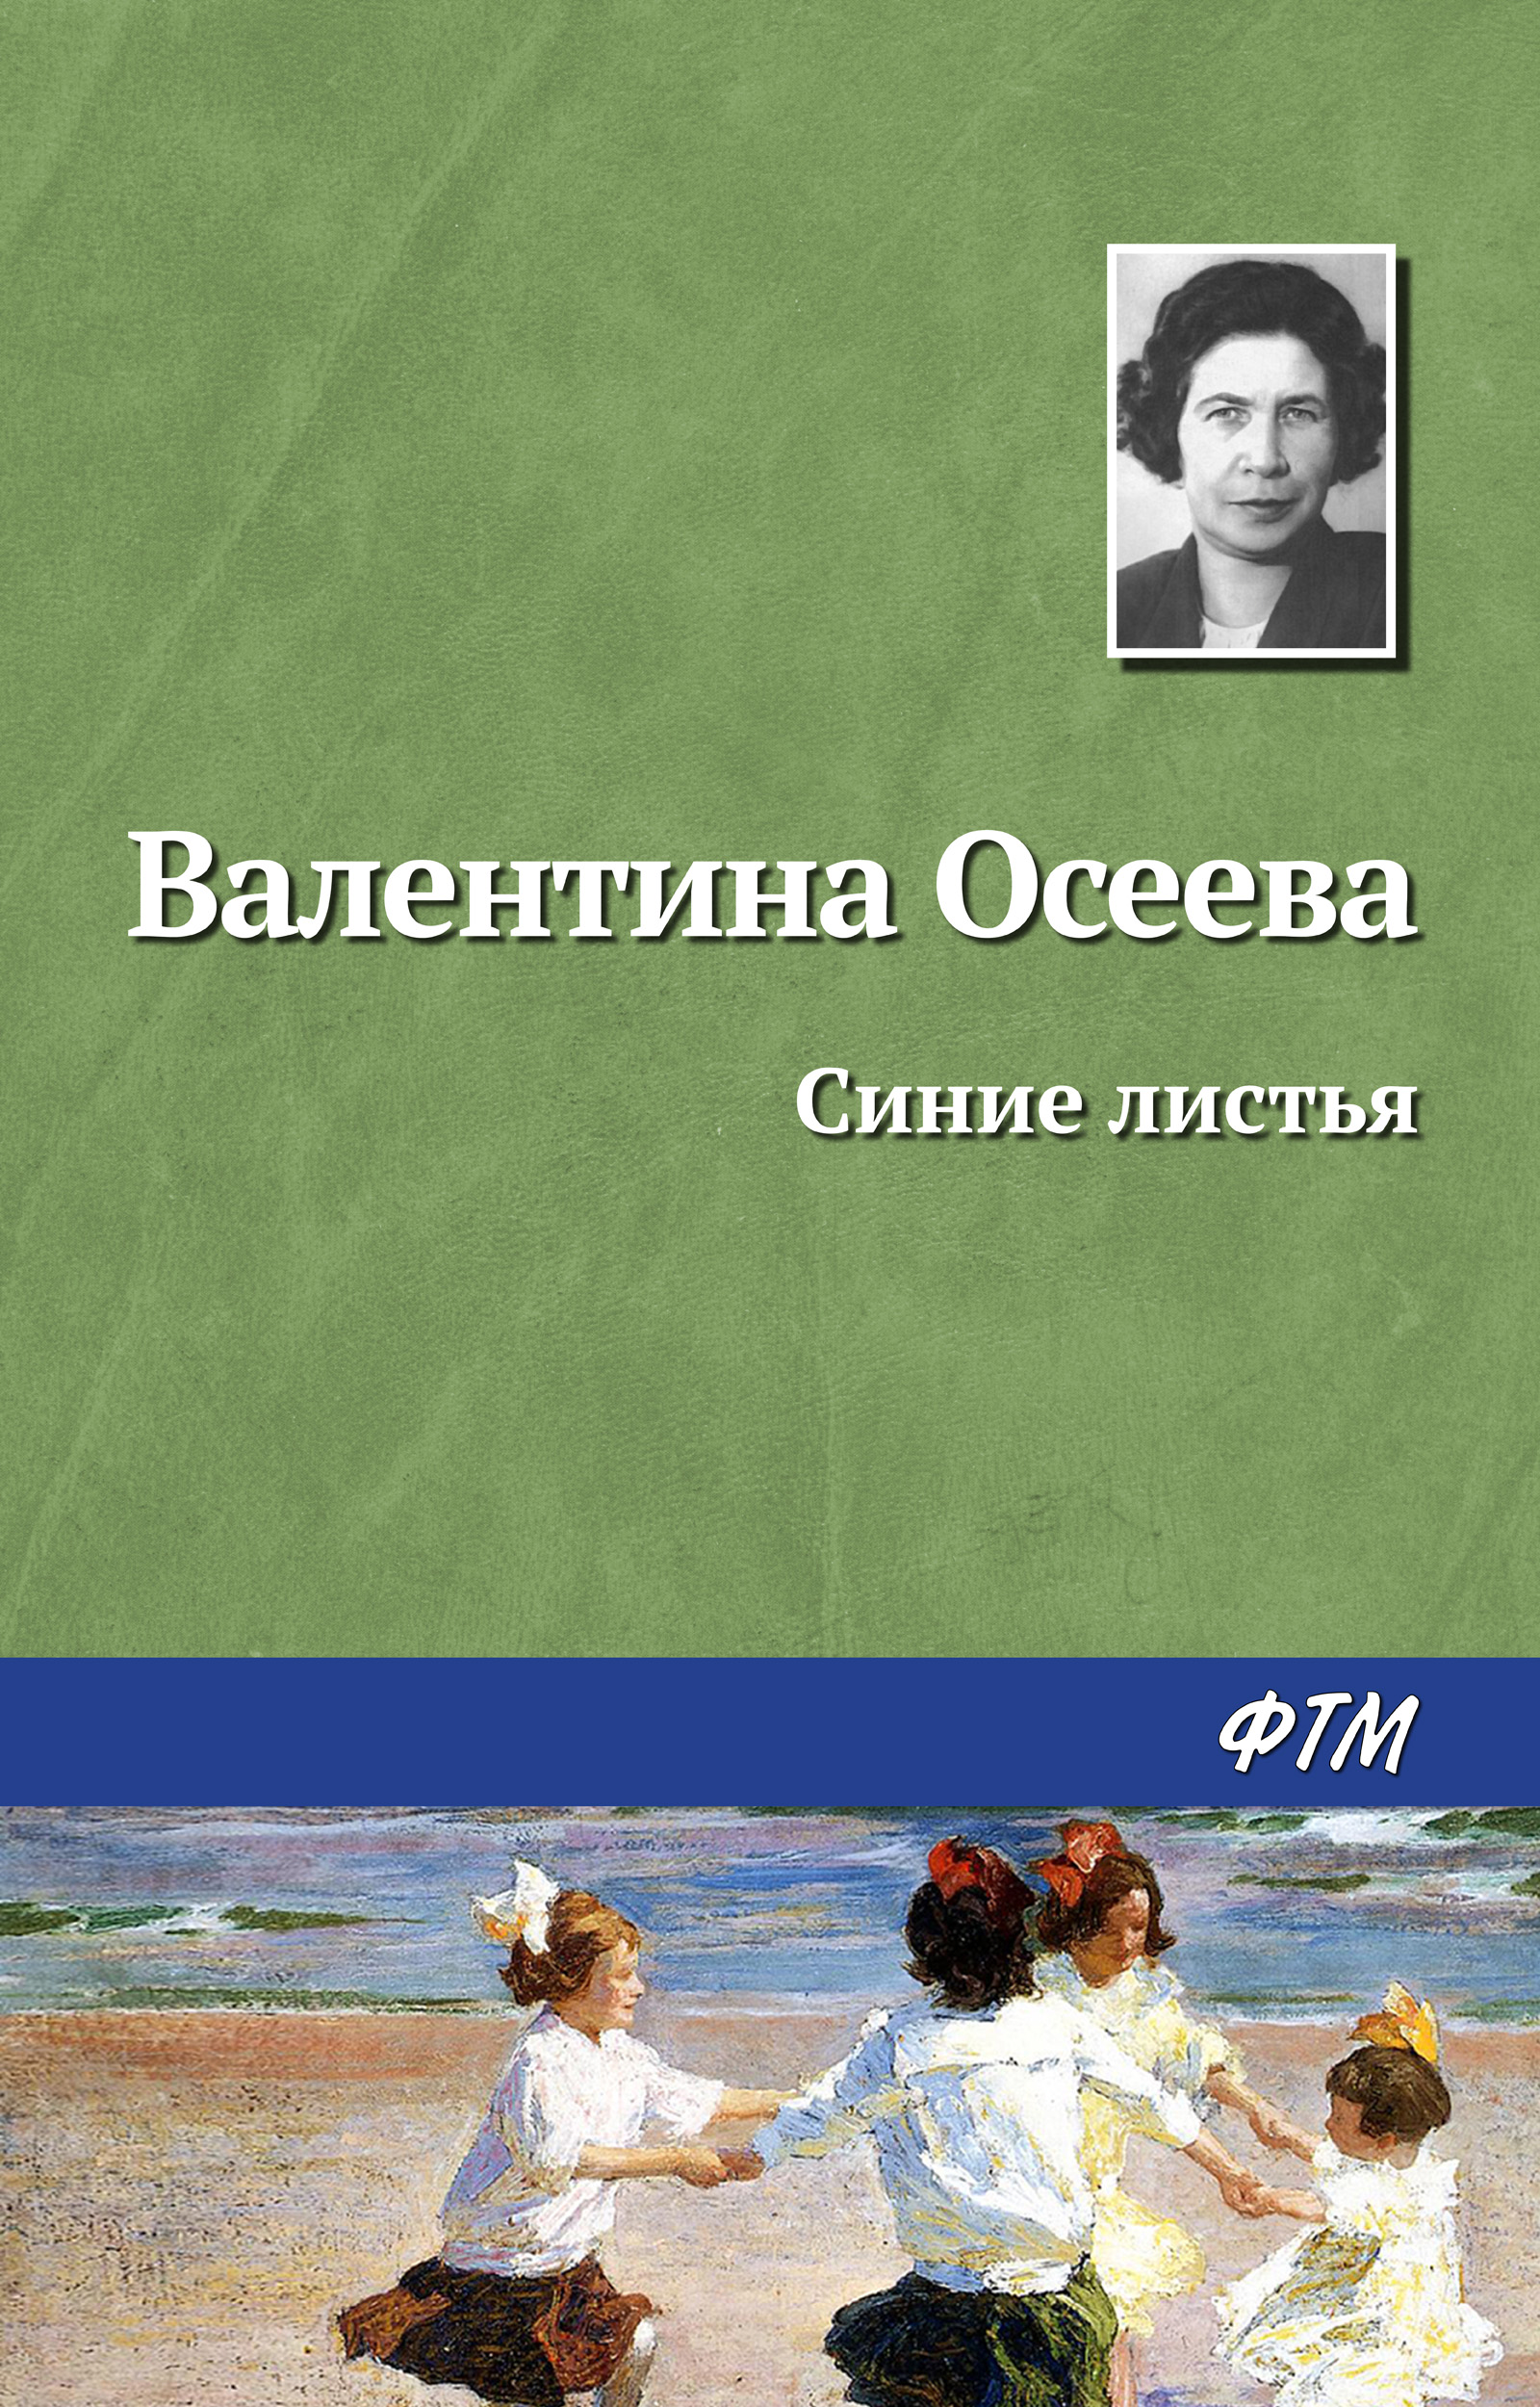 купить Валентина Осеева Синие листья по цене 19 рублей